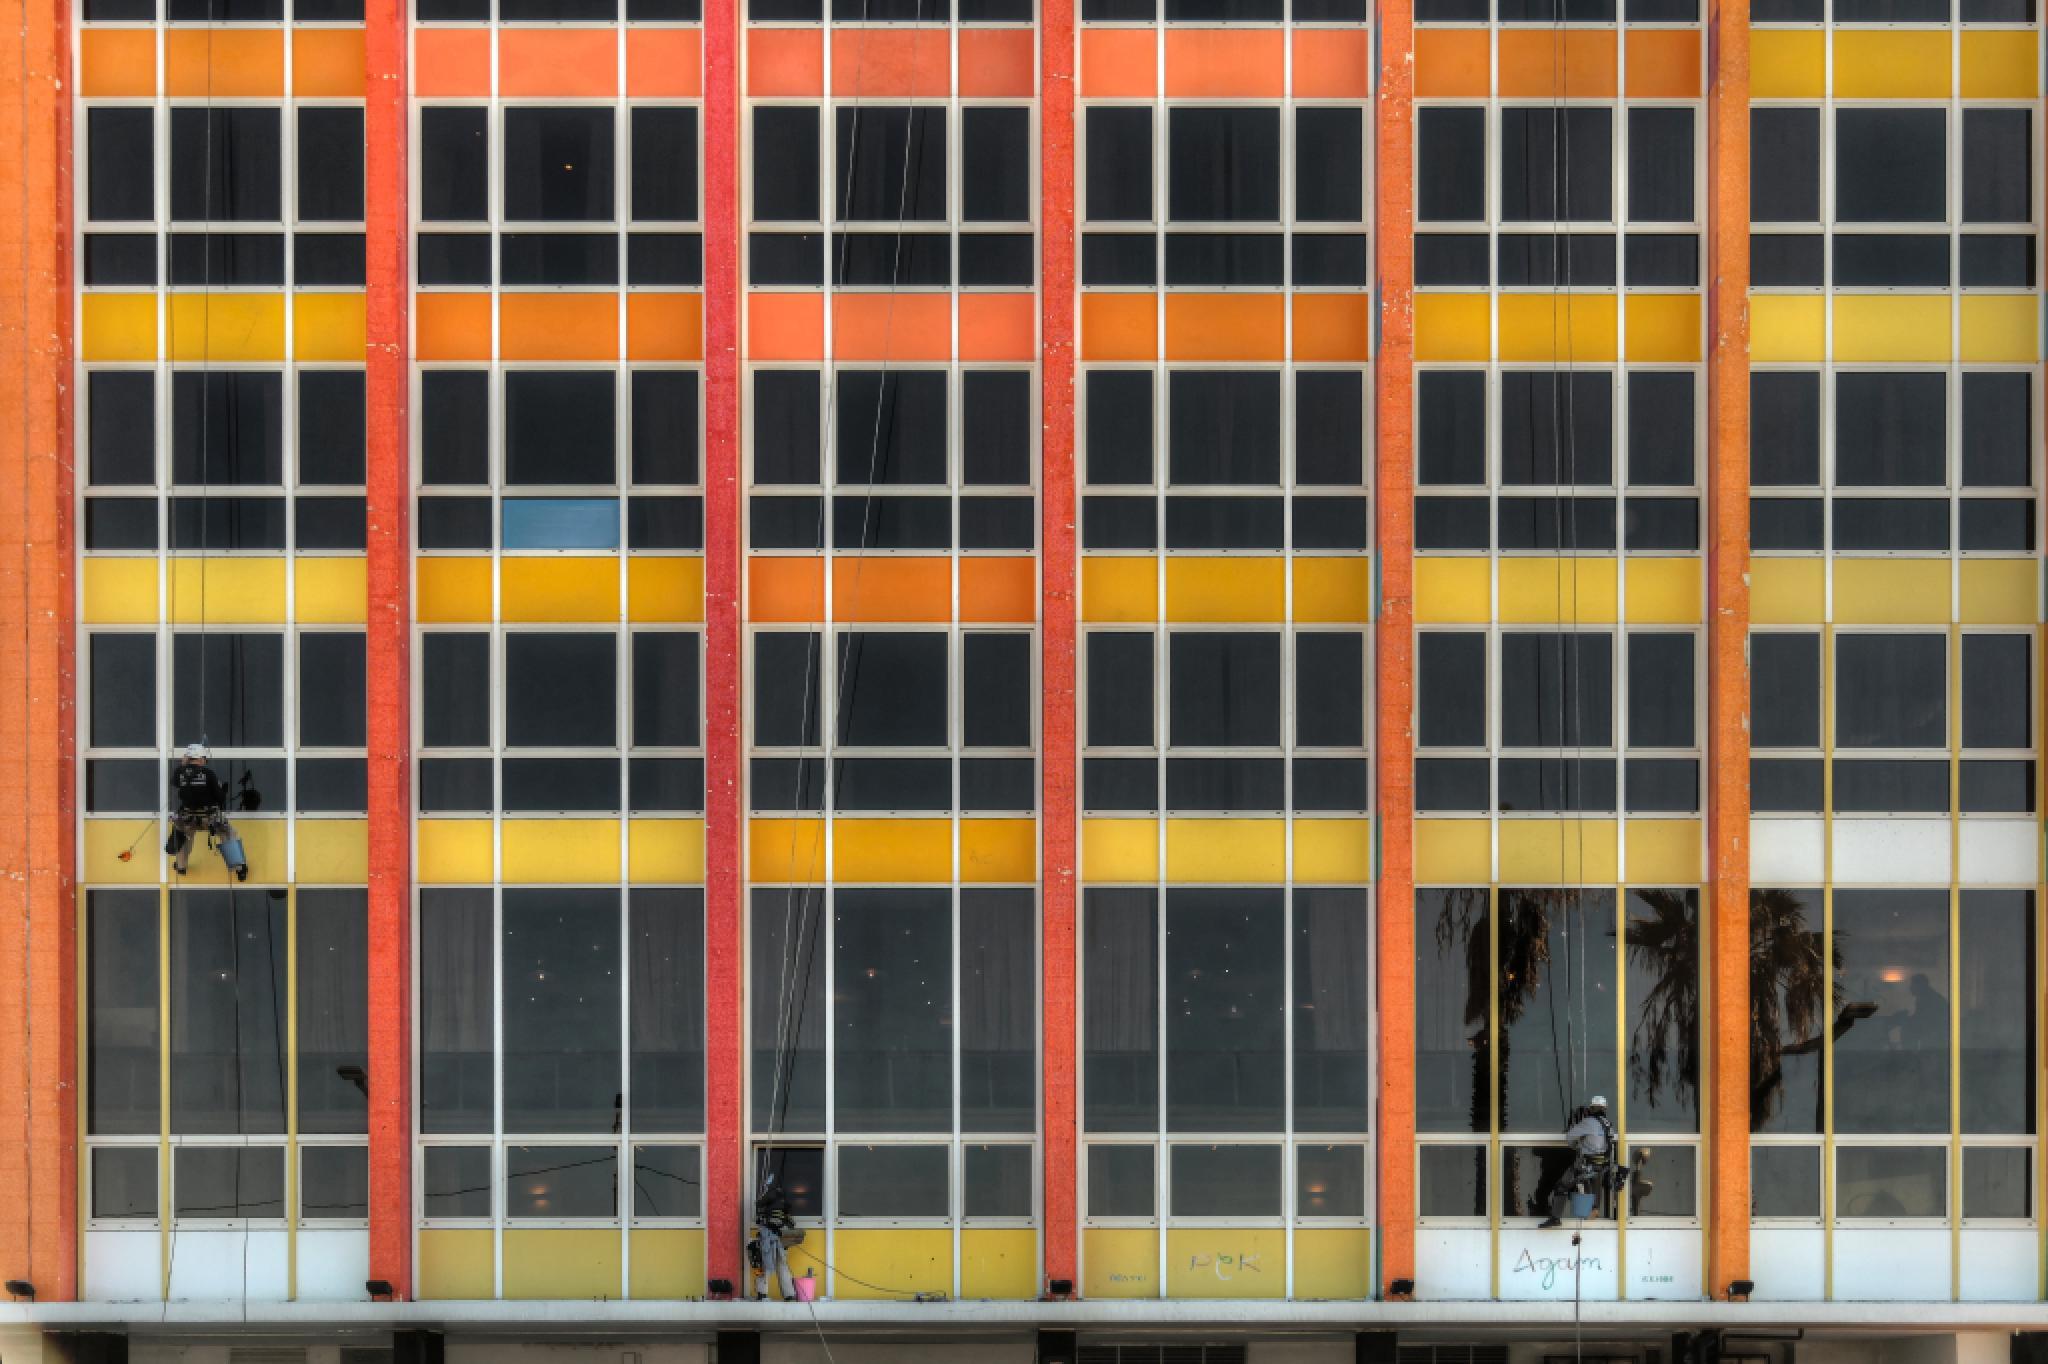 Hotel_03 by Shahar Klein